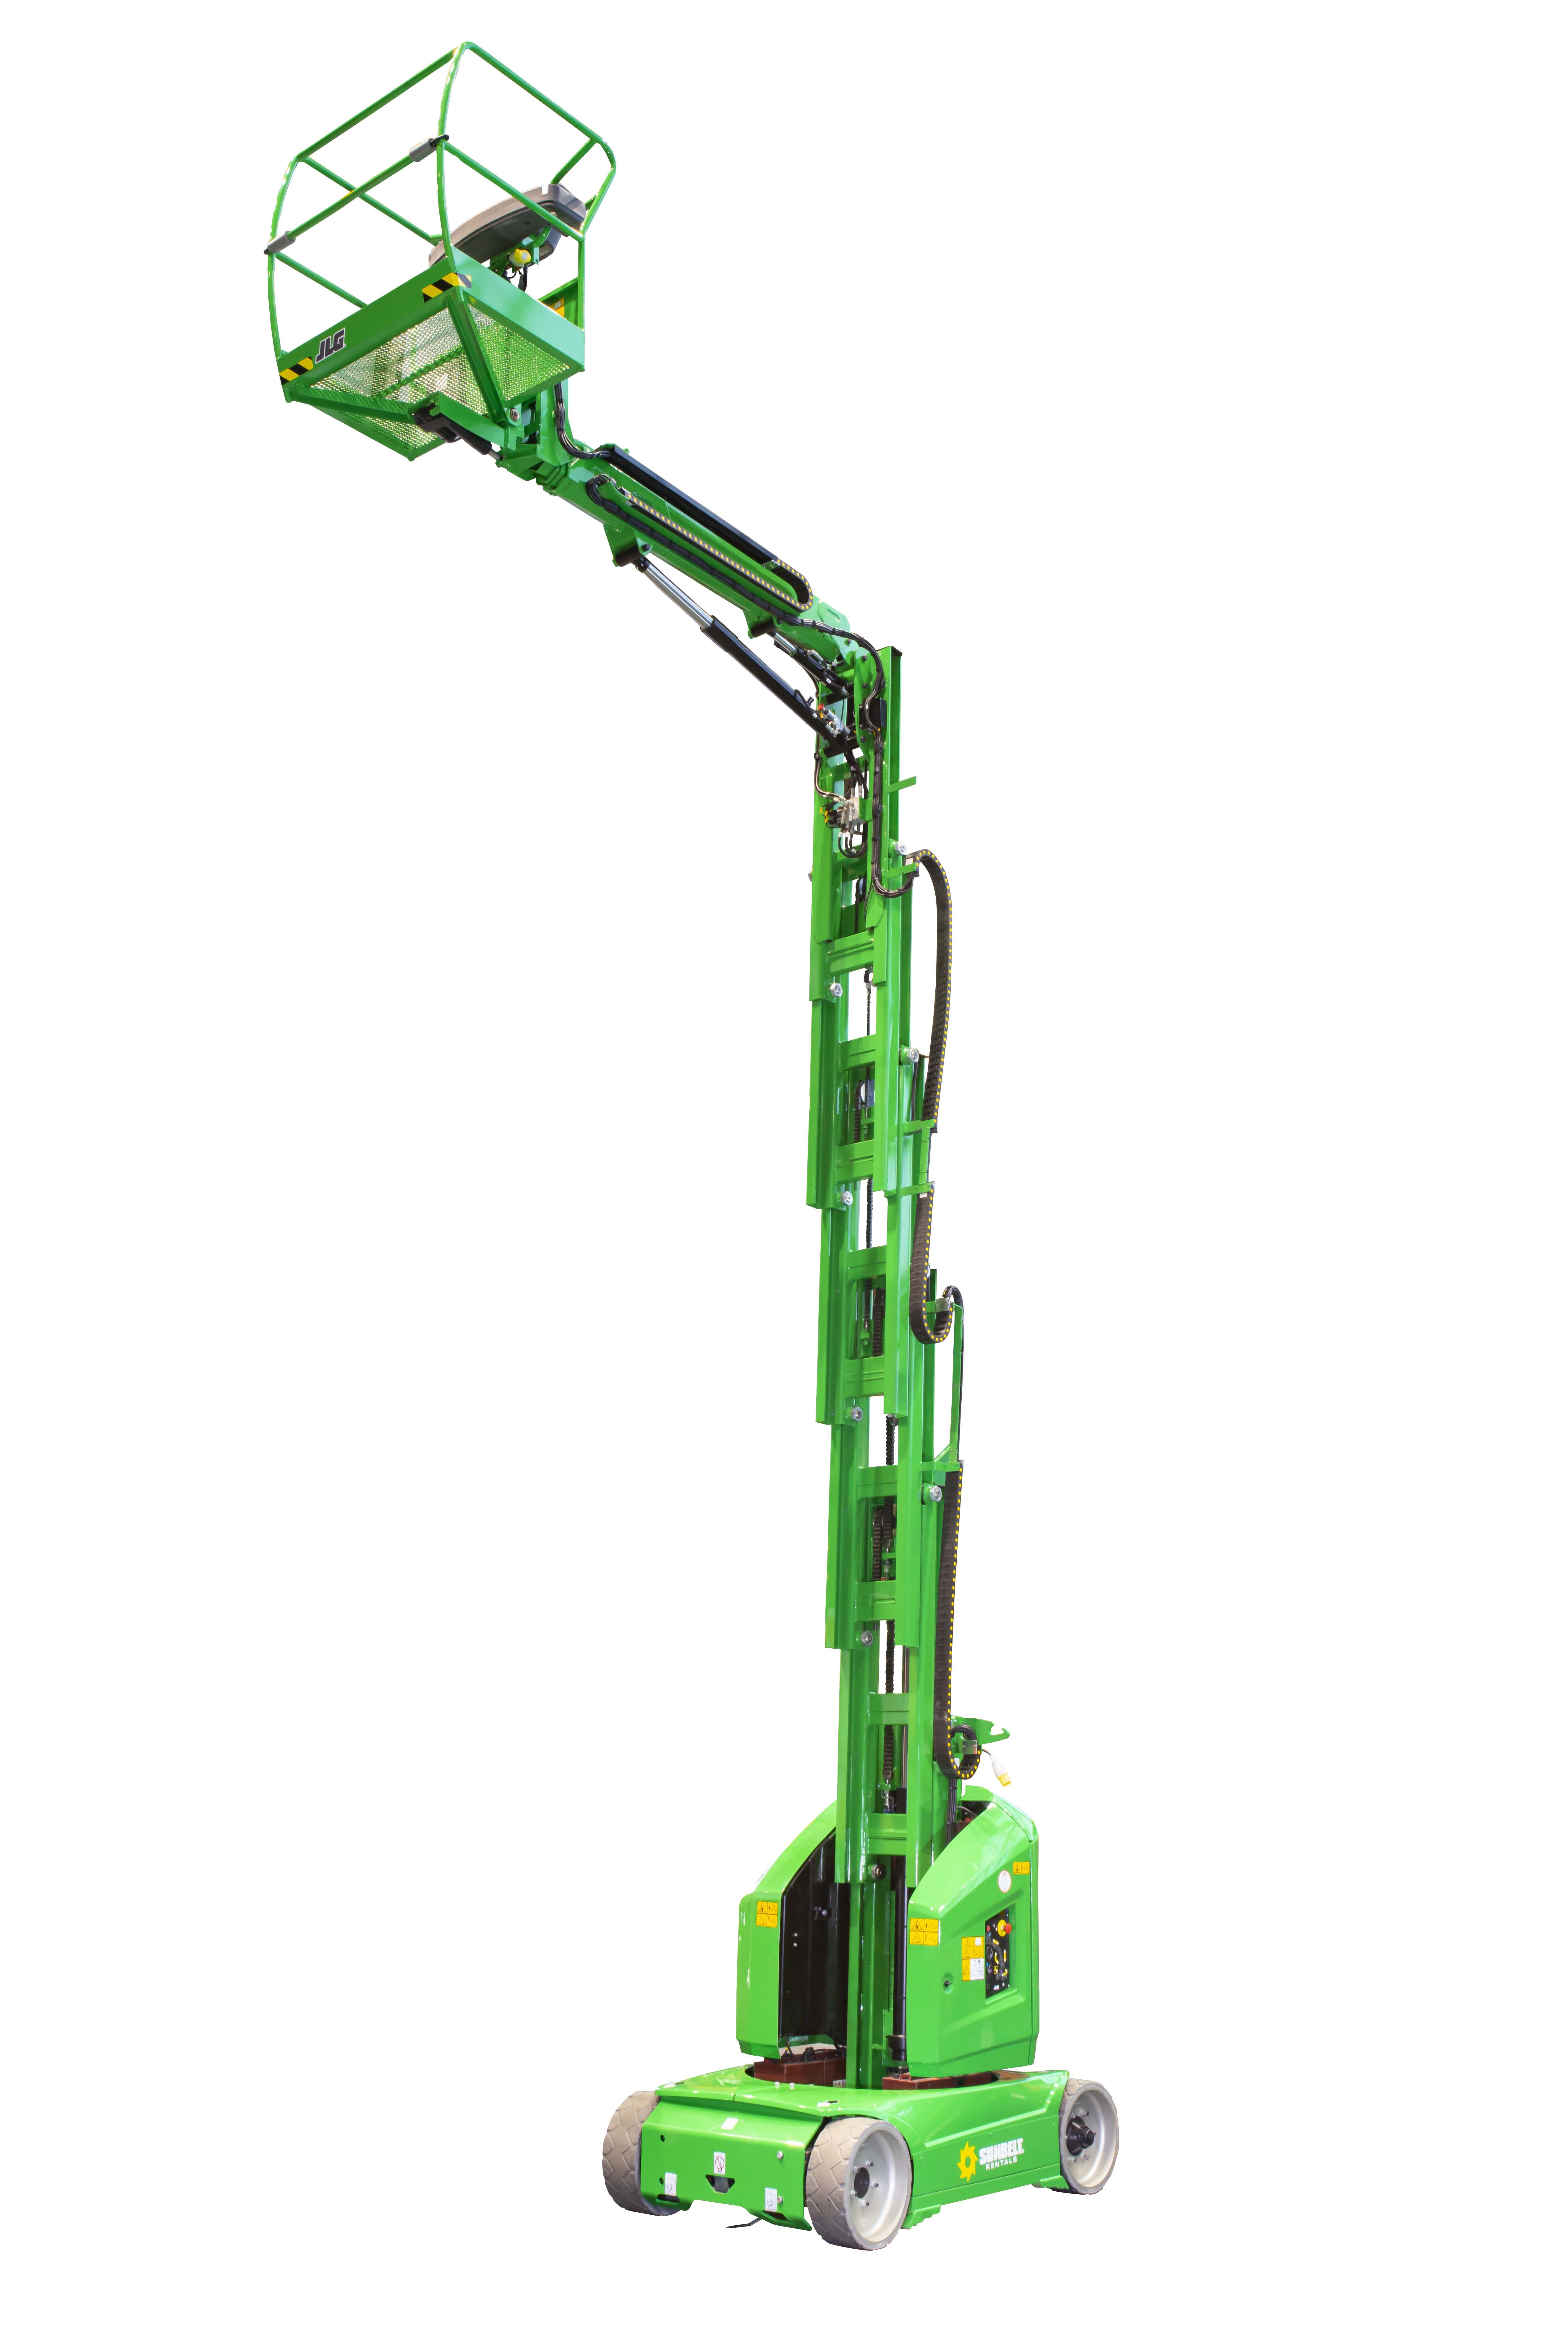 12M (39.37Ft) Electric Mast Lift